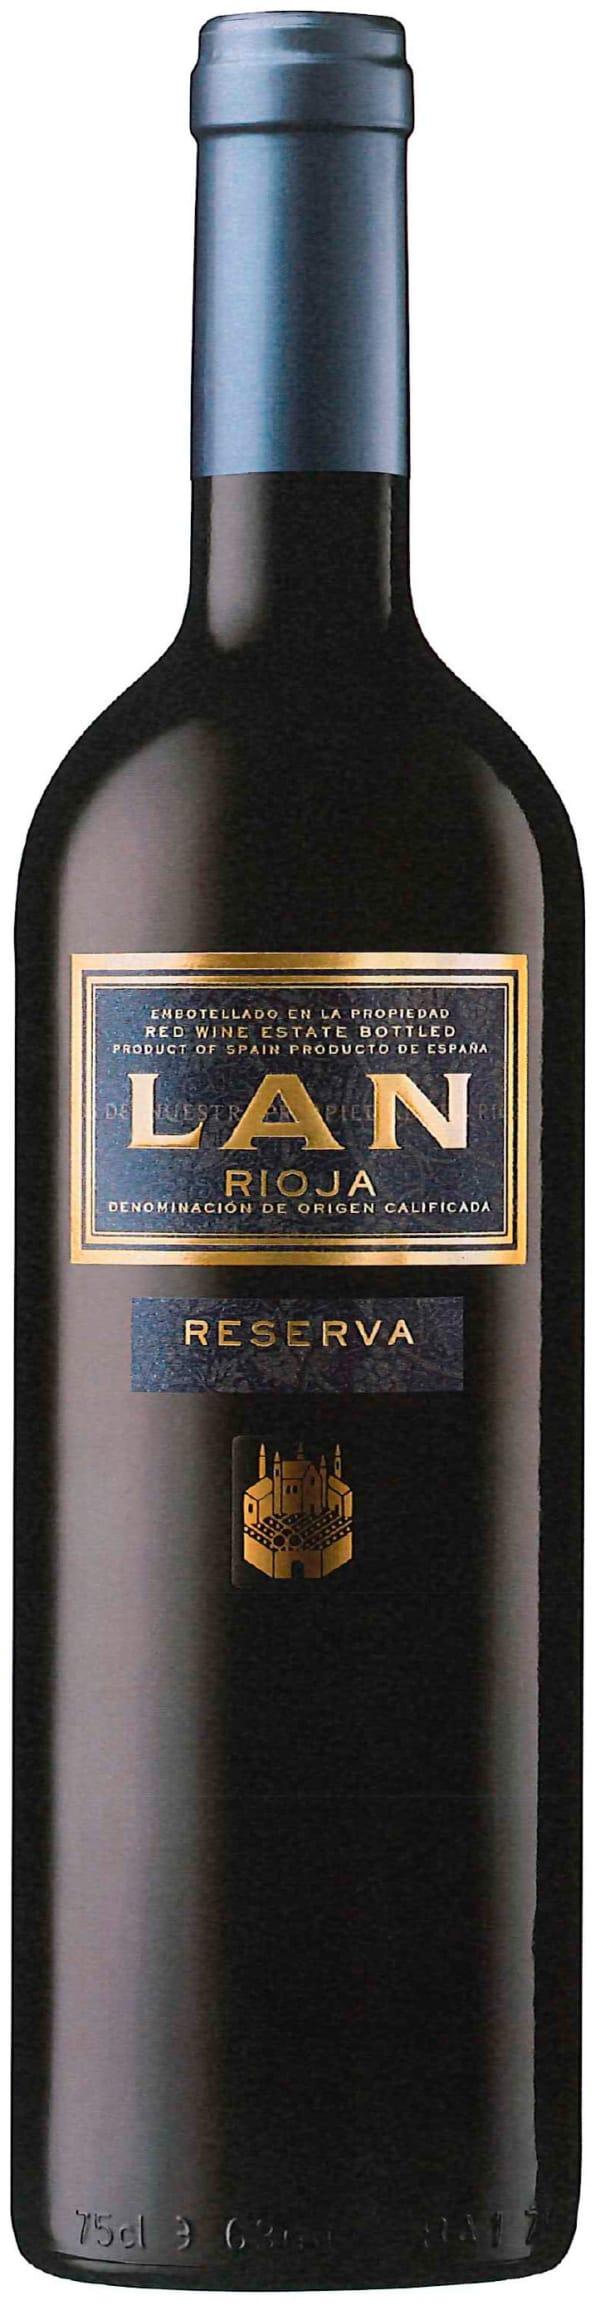 Lan Reserva 2011